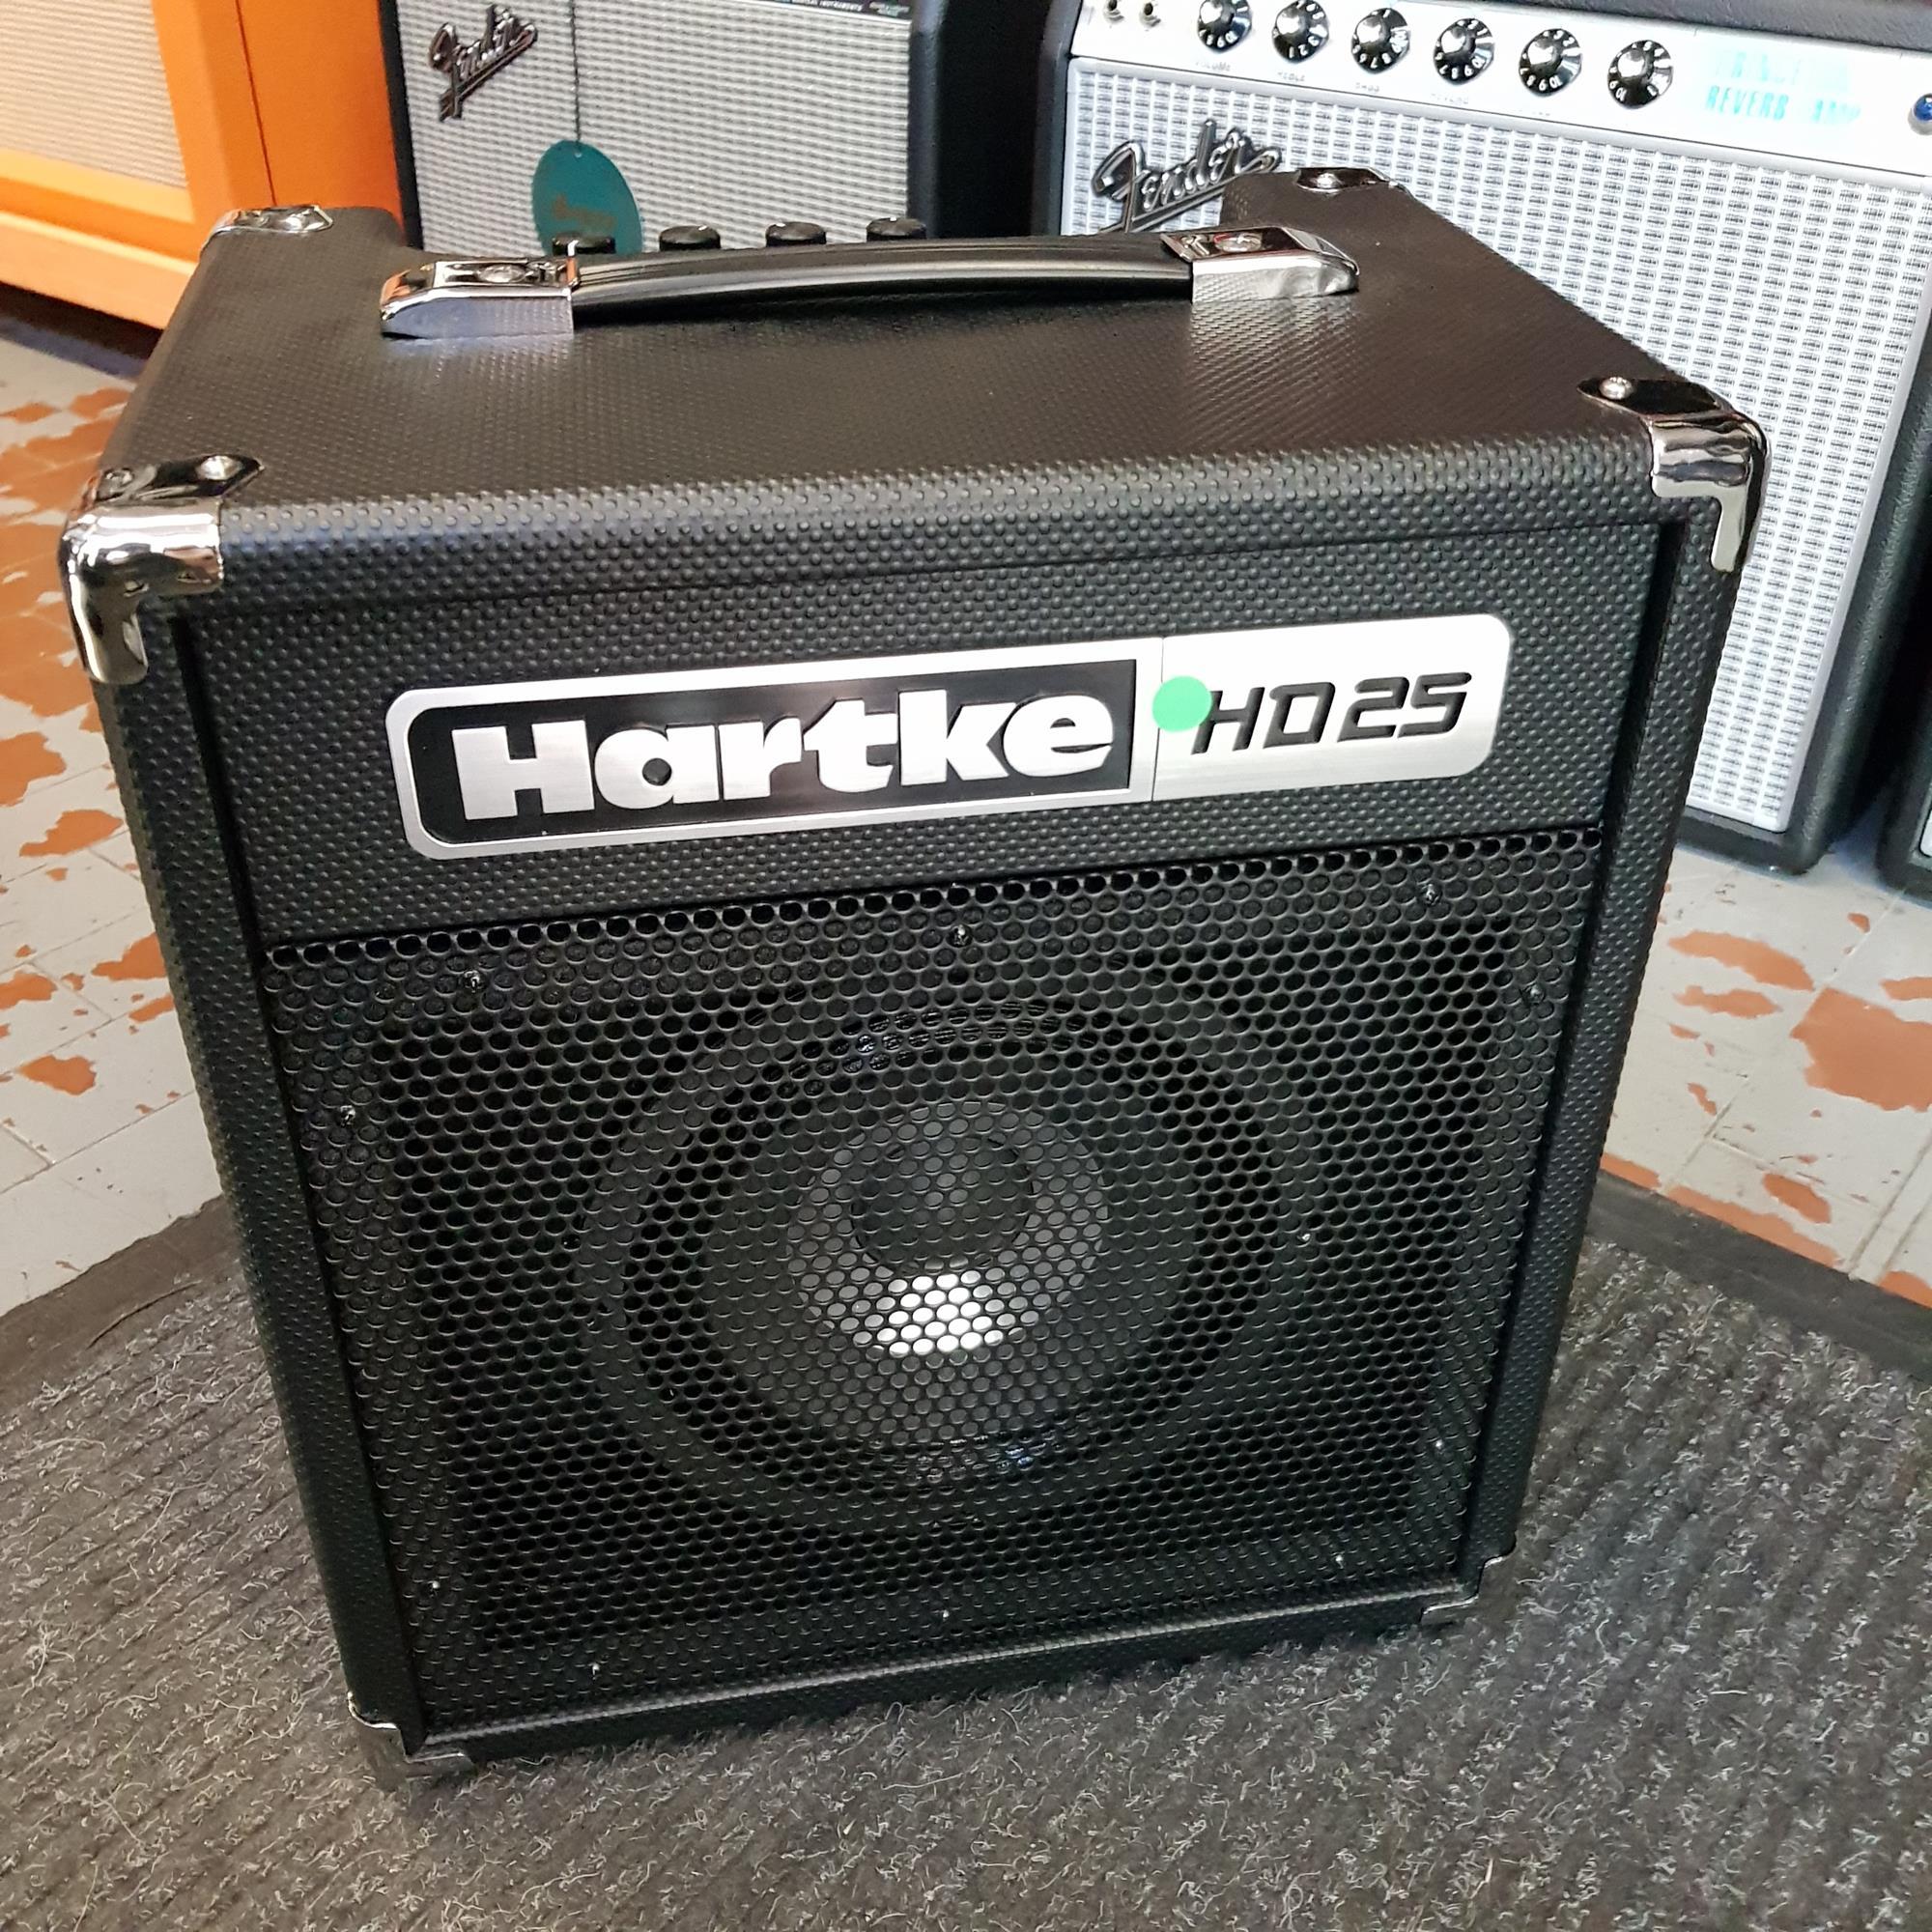 HARTKE-HD25-BASS-COMBO-sku-1592651616142